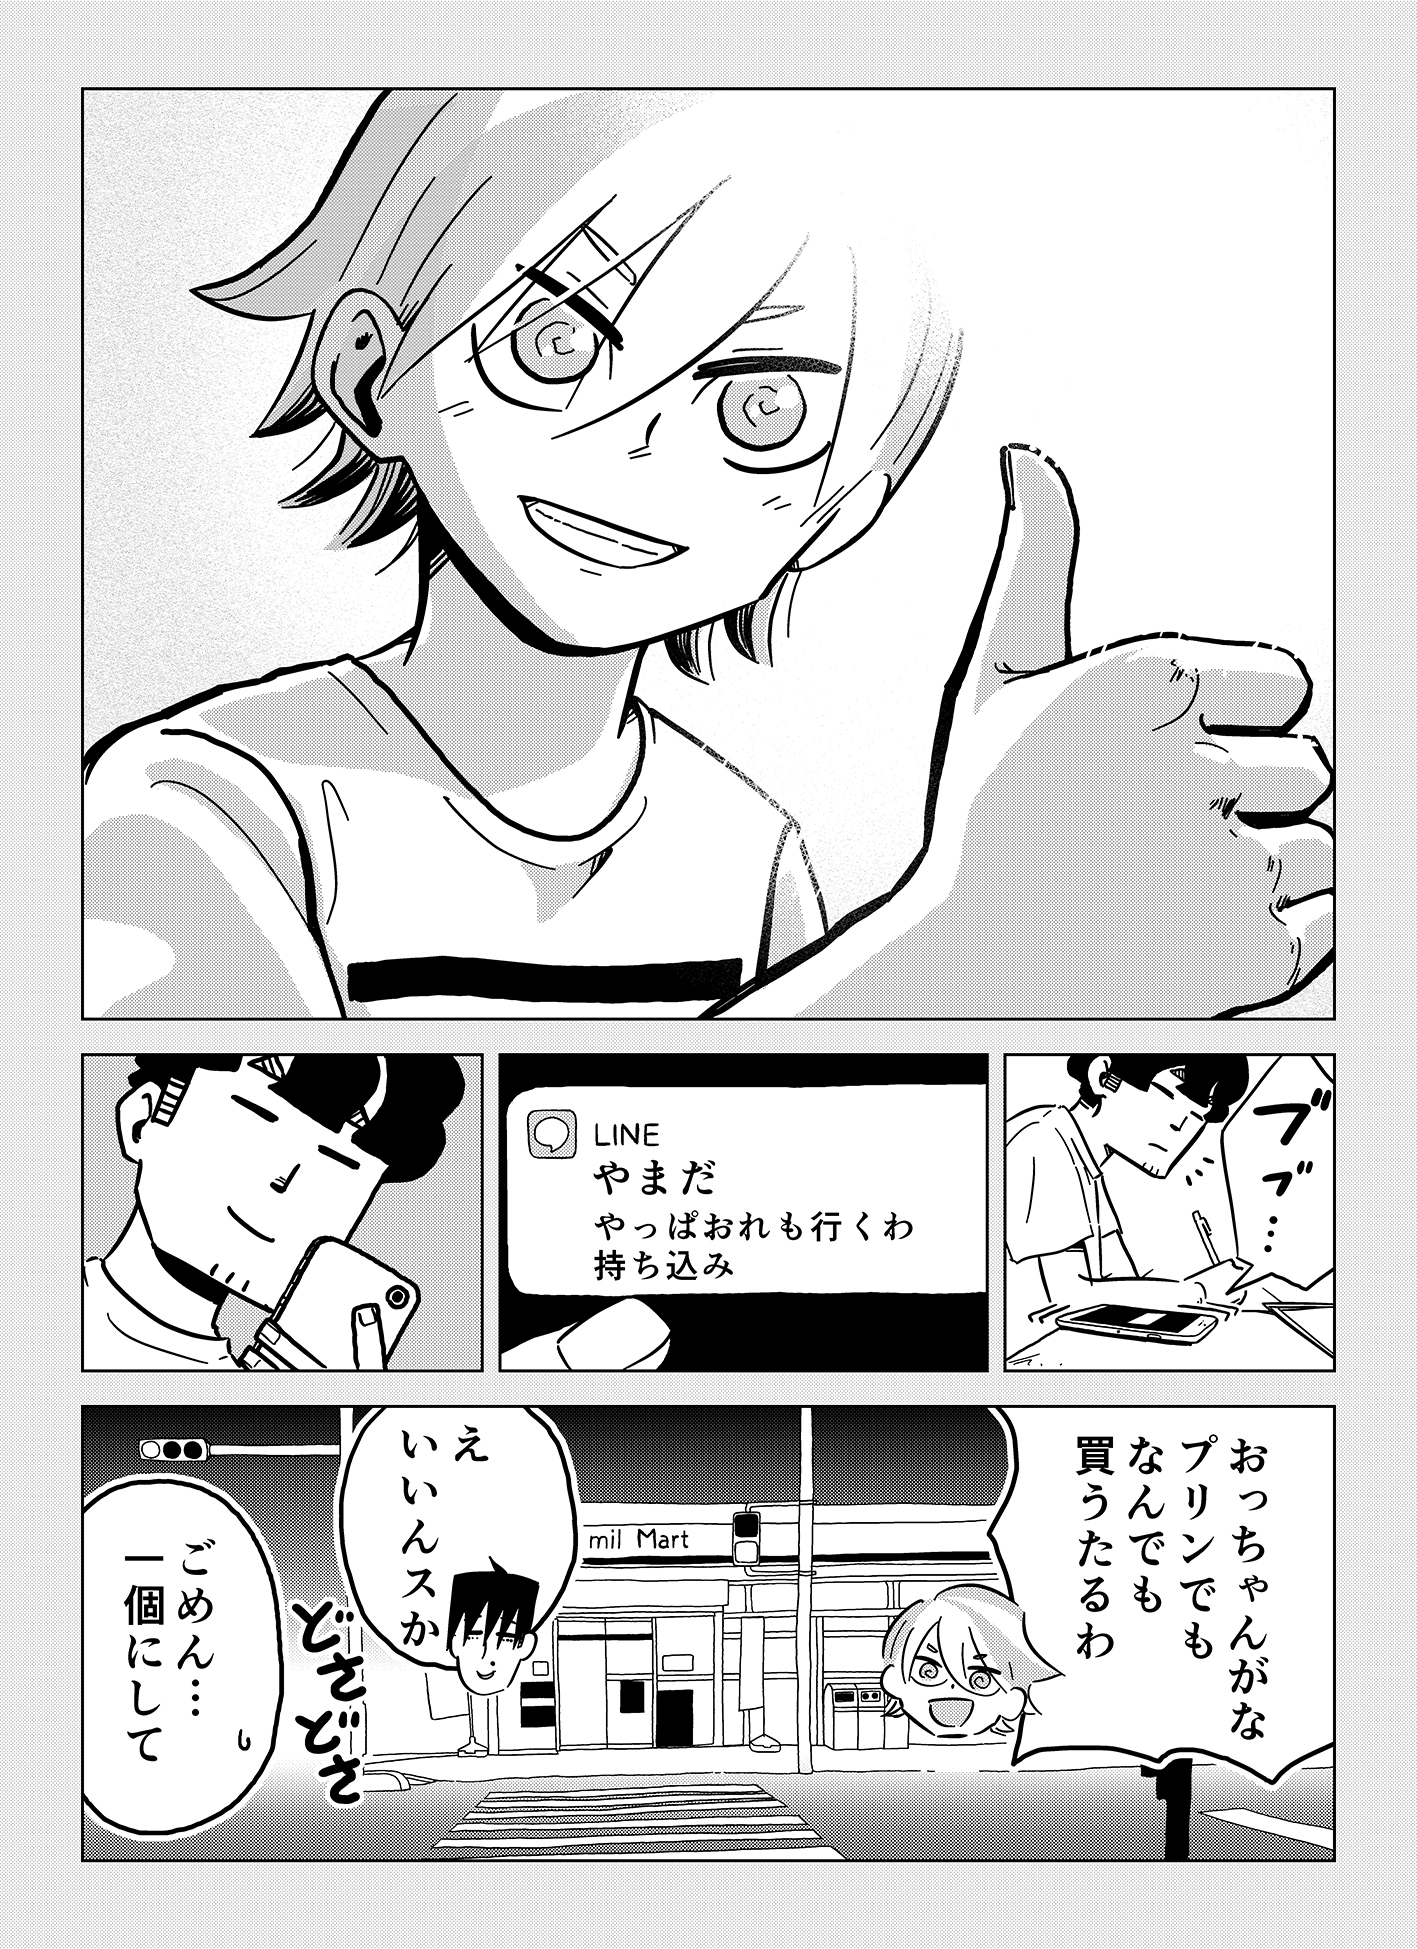 share12_014